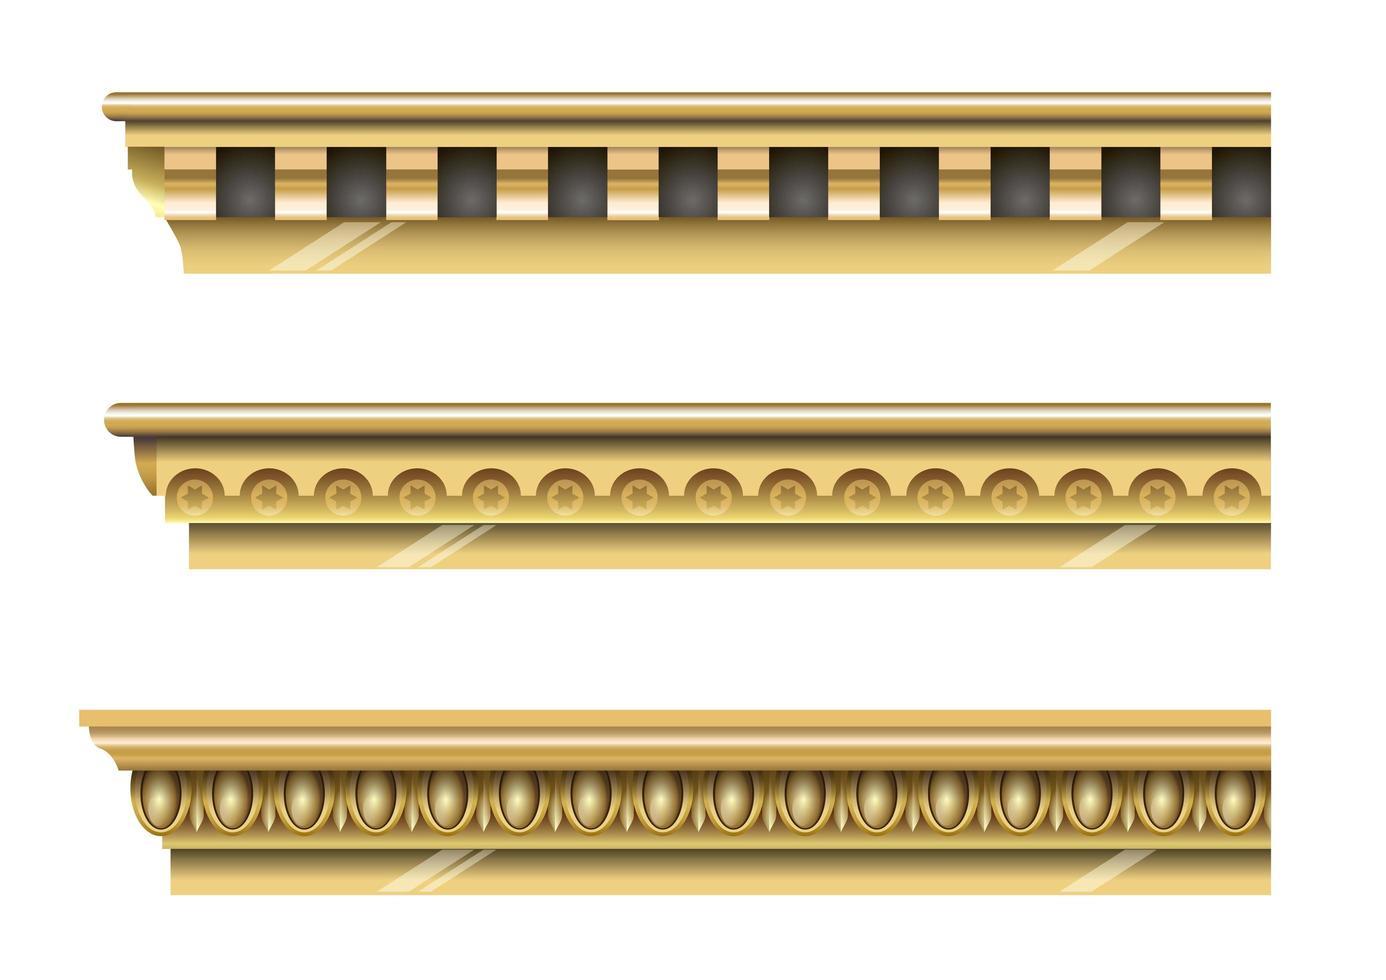 cornici dorate classiche vettore